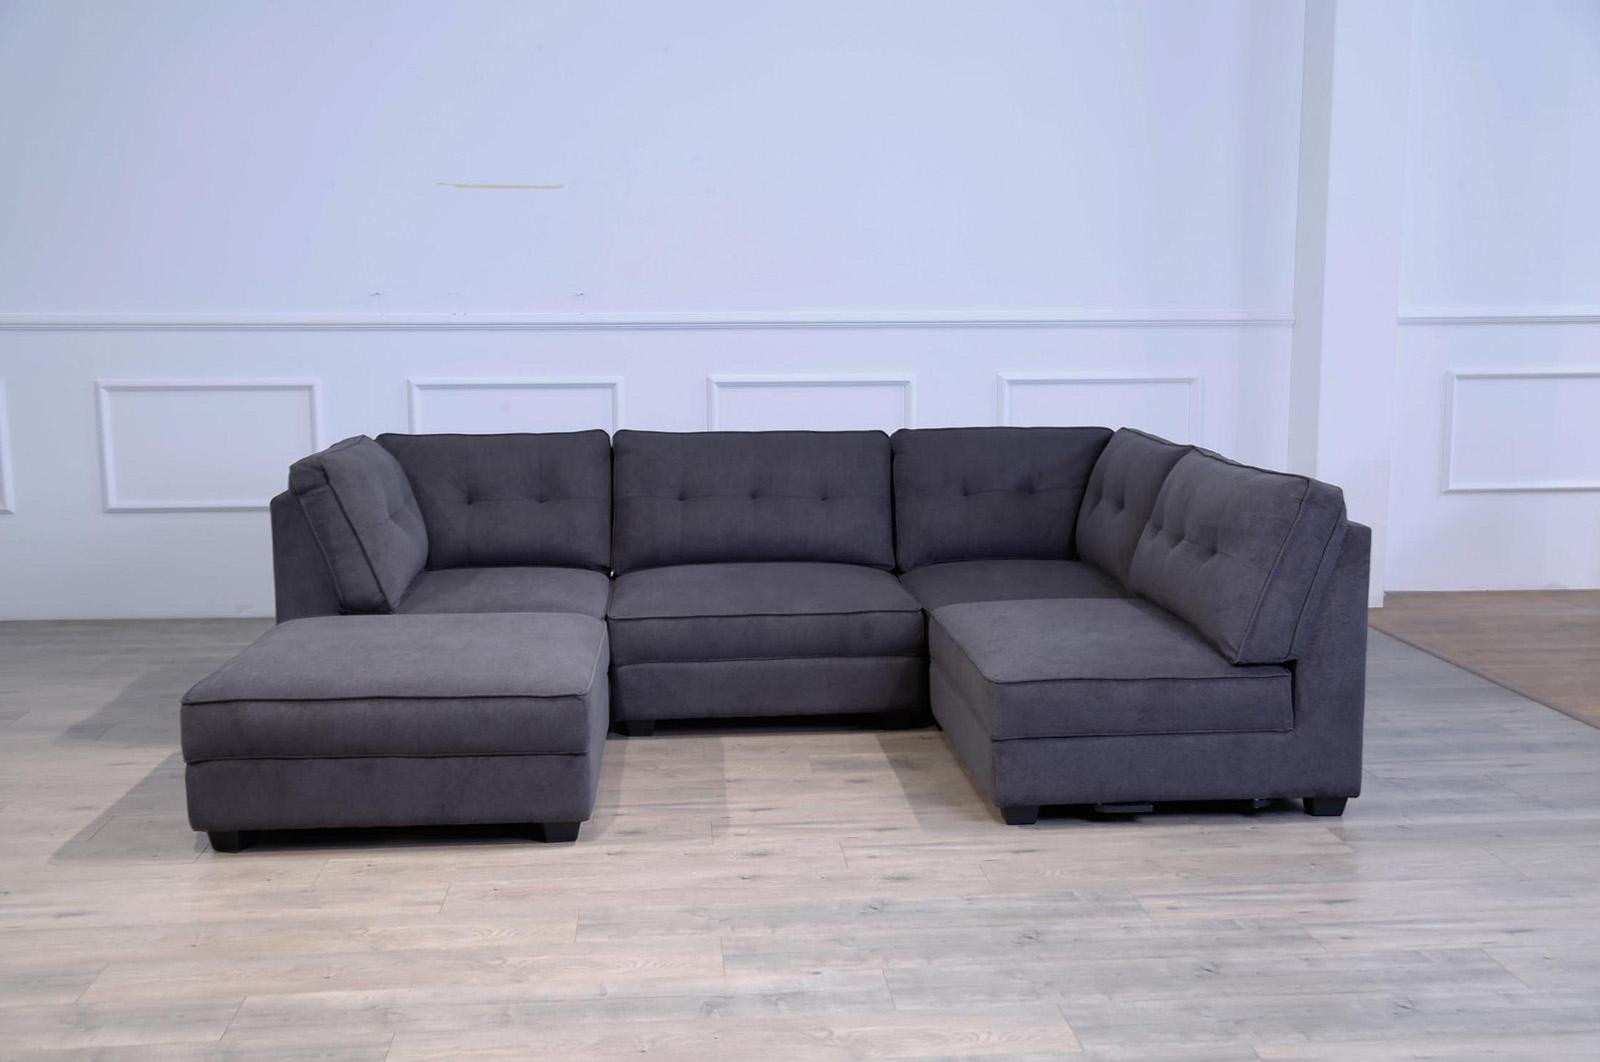 Hoffman modular lounge with ottoman